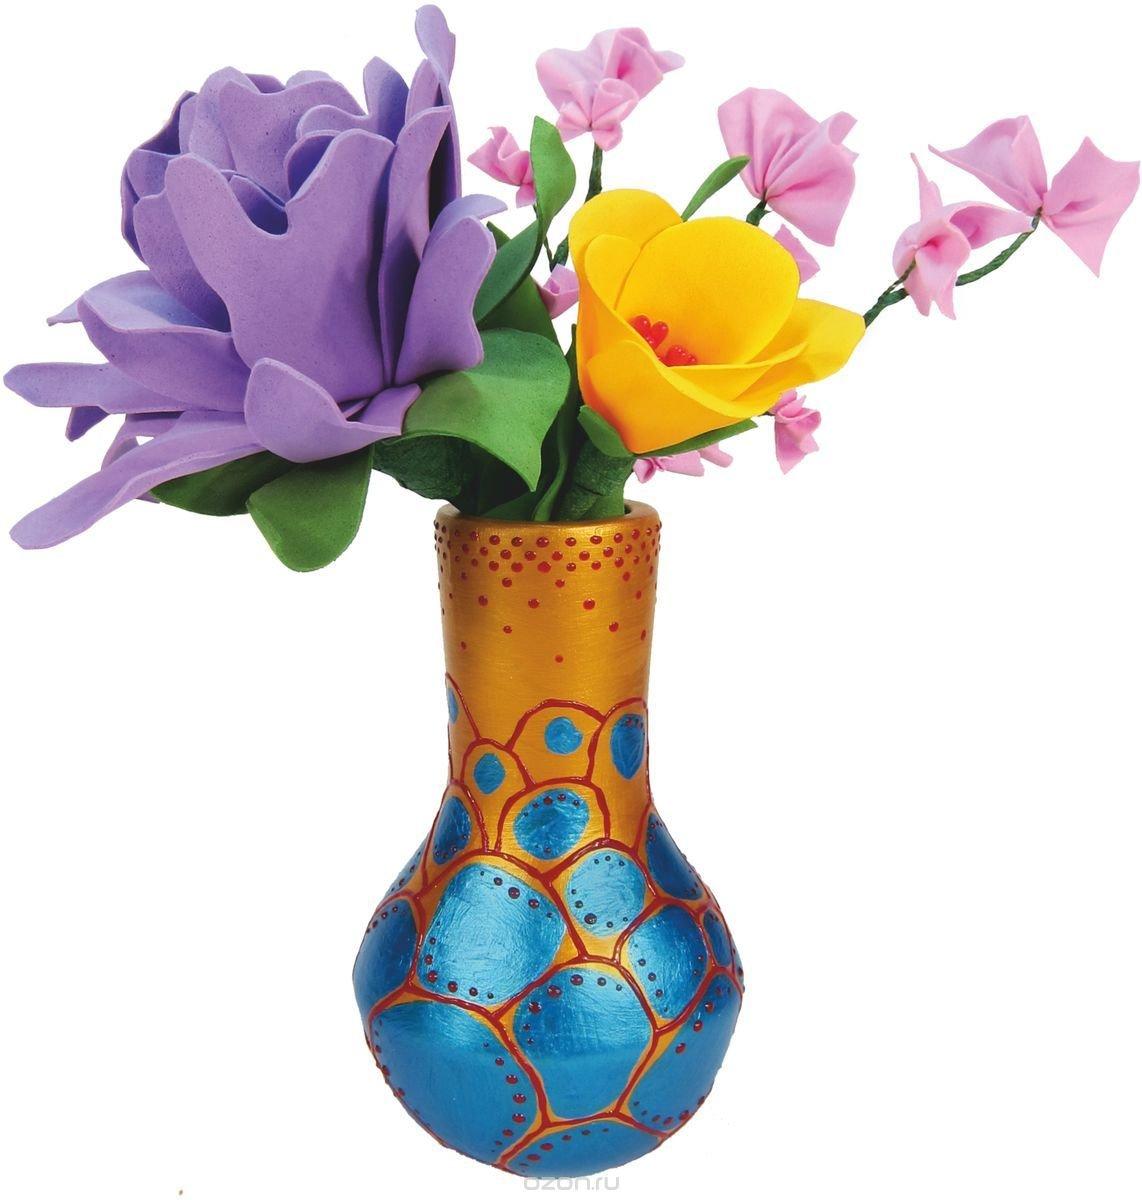 Фото вазы с цветами с рисунками